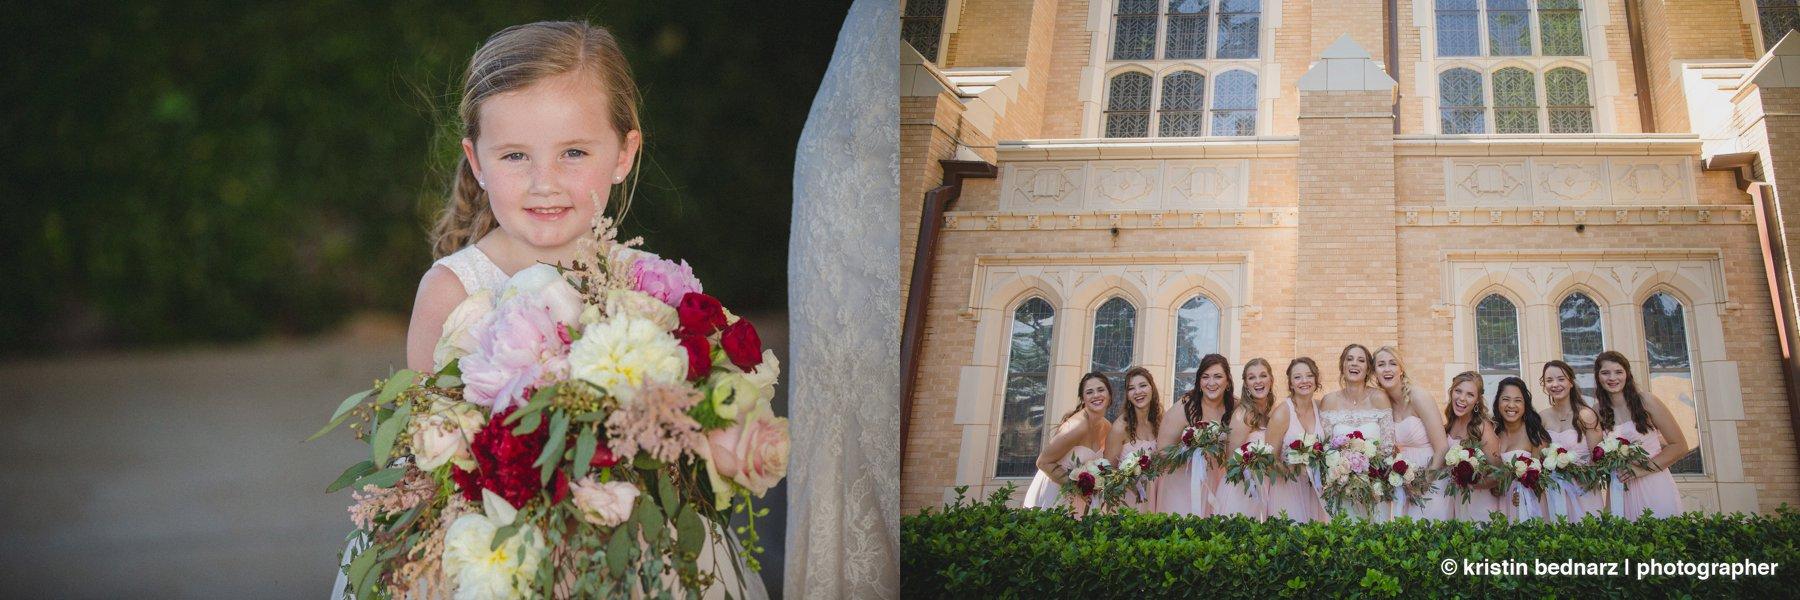 Krisitin_Bednarz_Lubbock_Wedding_Photographer_20180602_0051.JPG